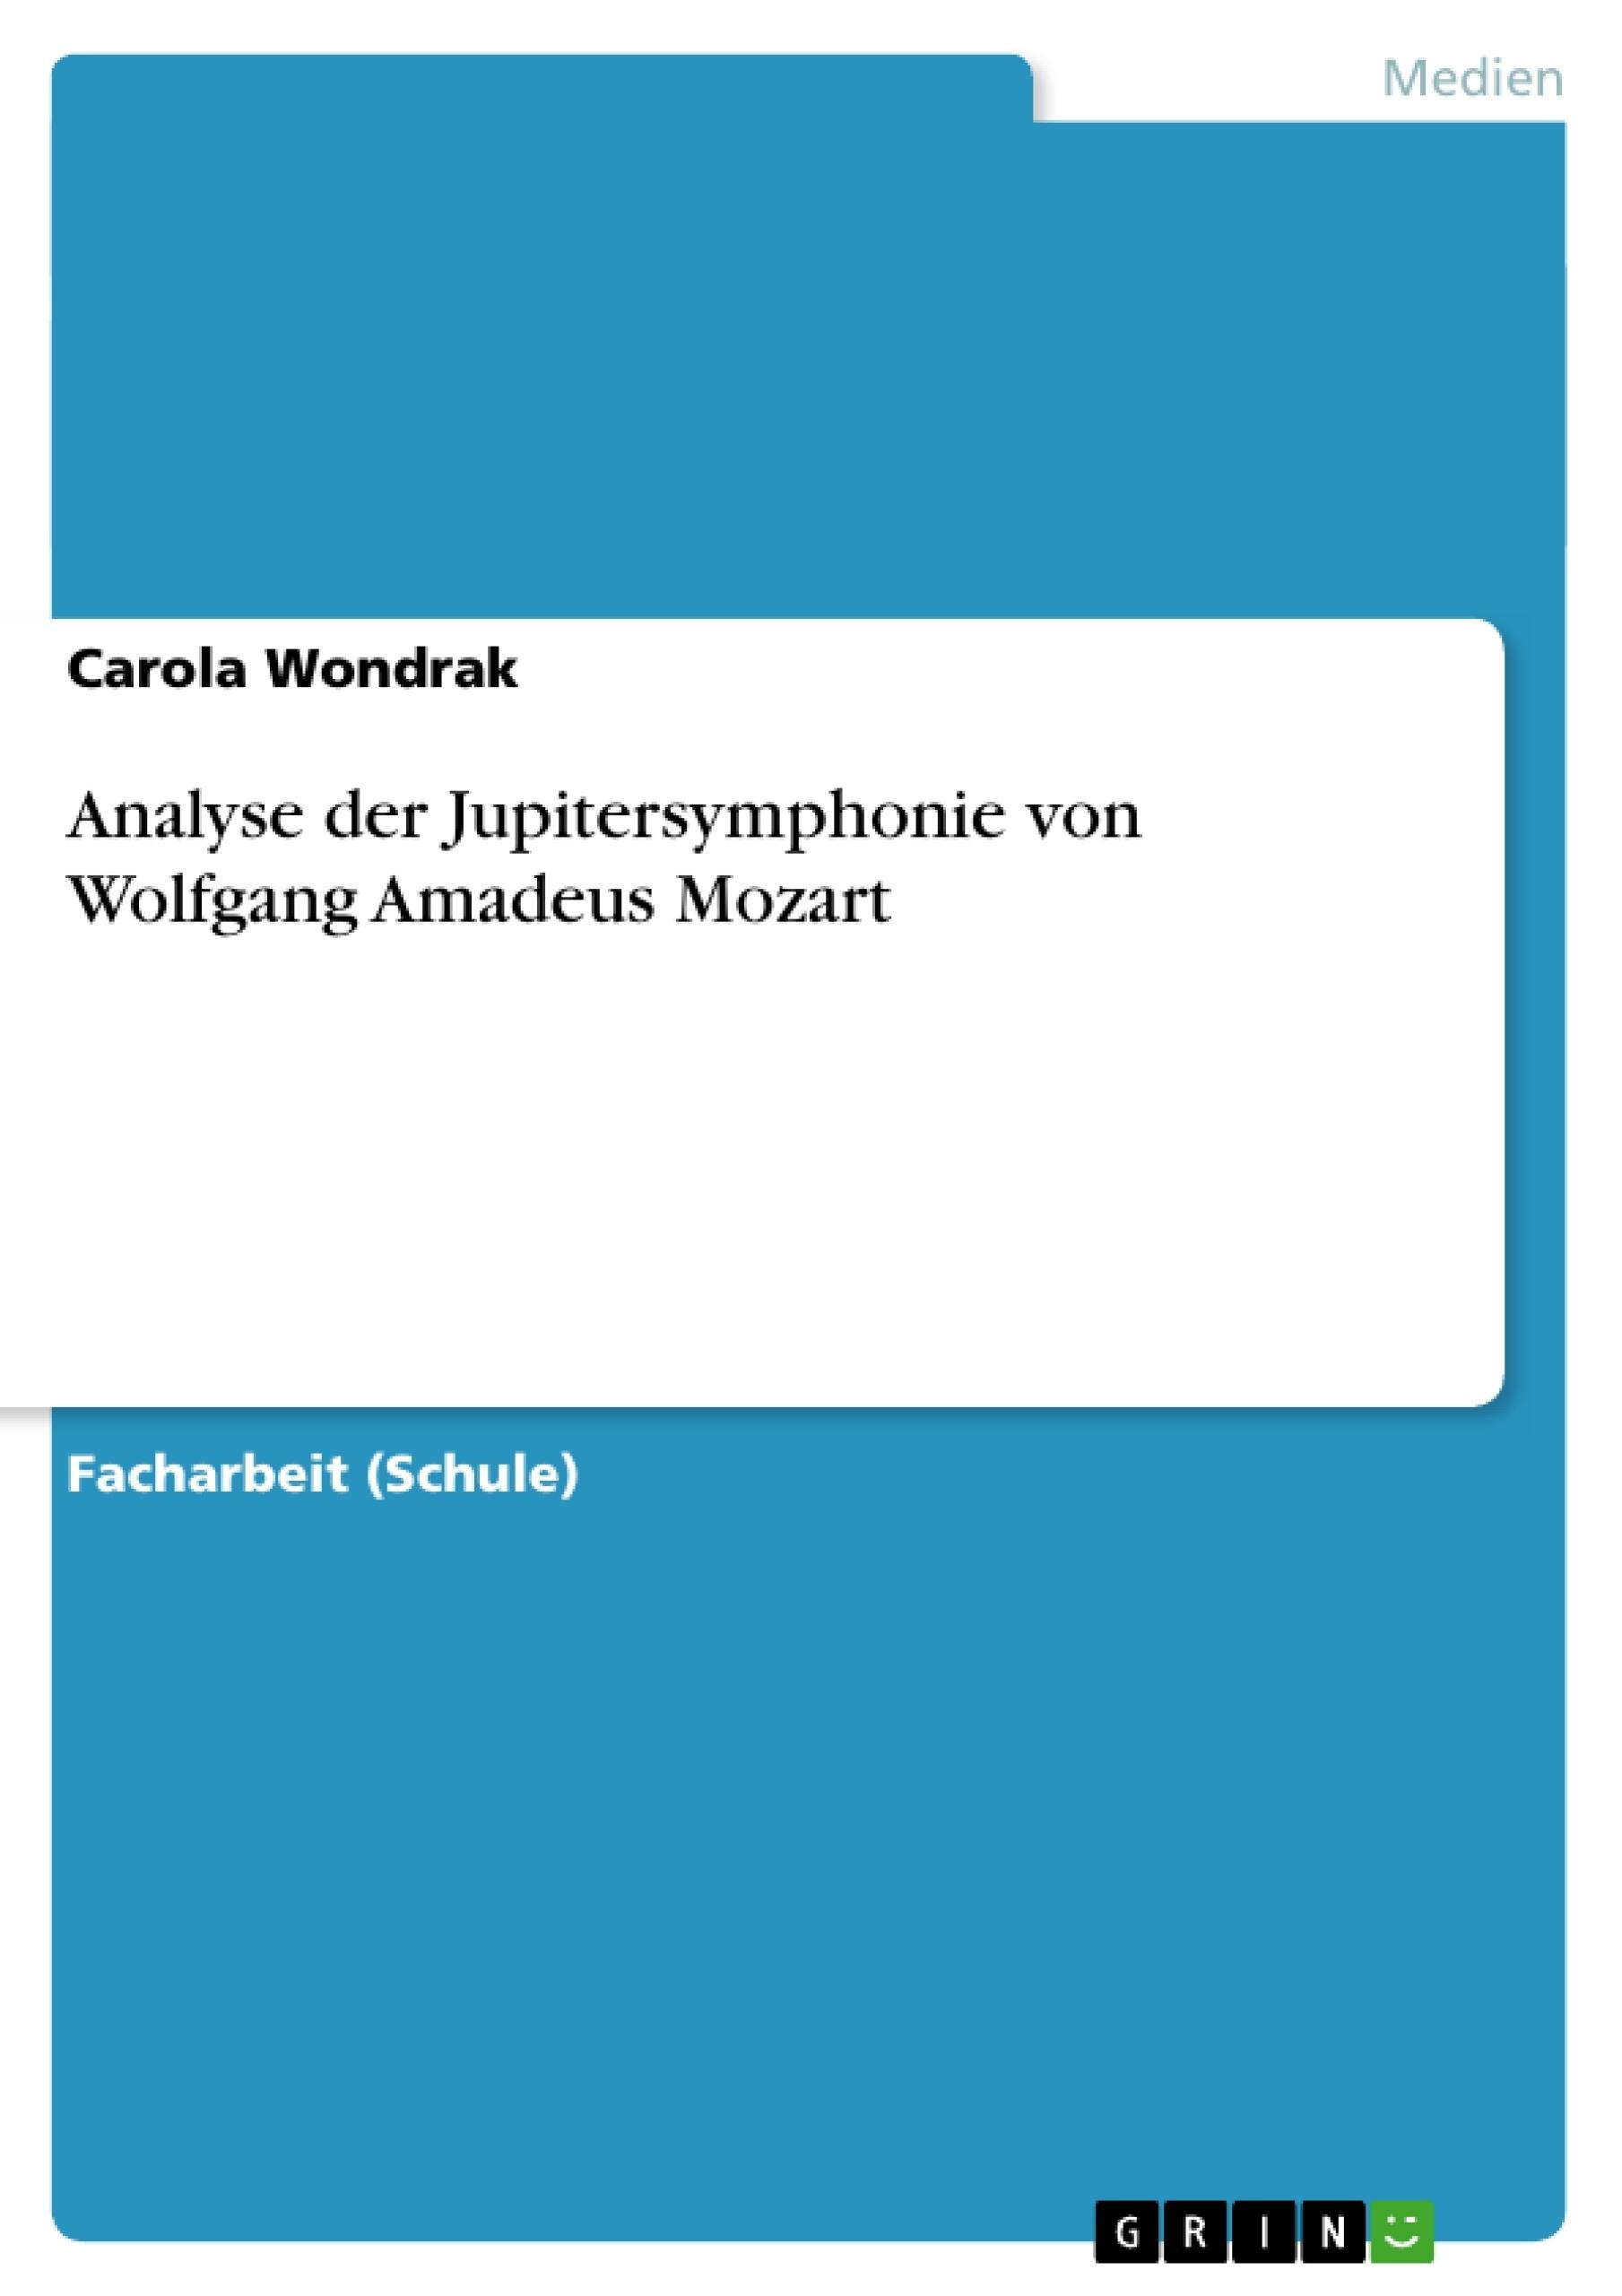 Titel: Analyse der Jupitersymphonie von Wolfgang Amadeus Mozart